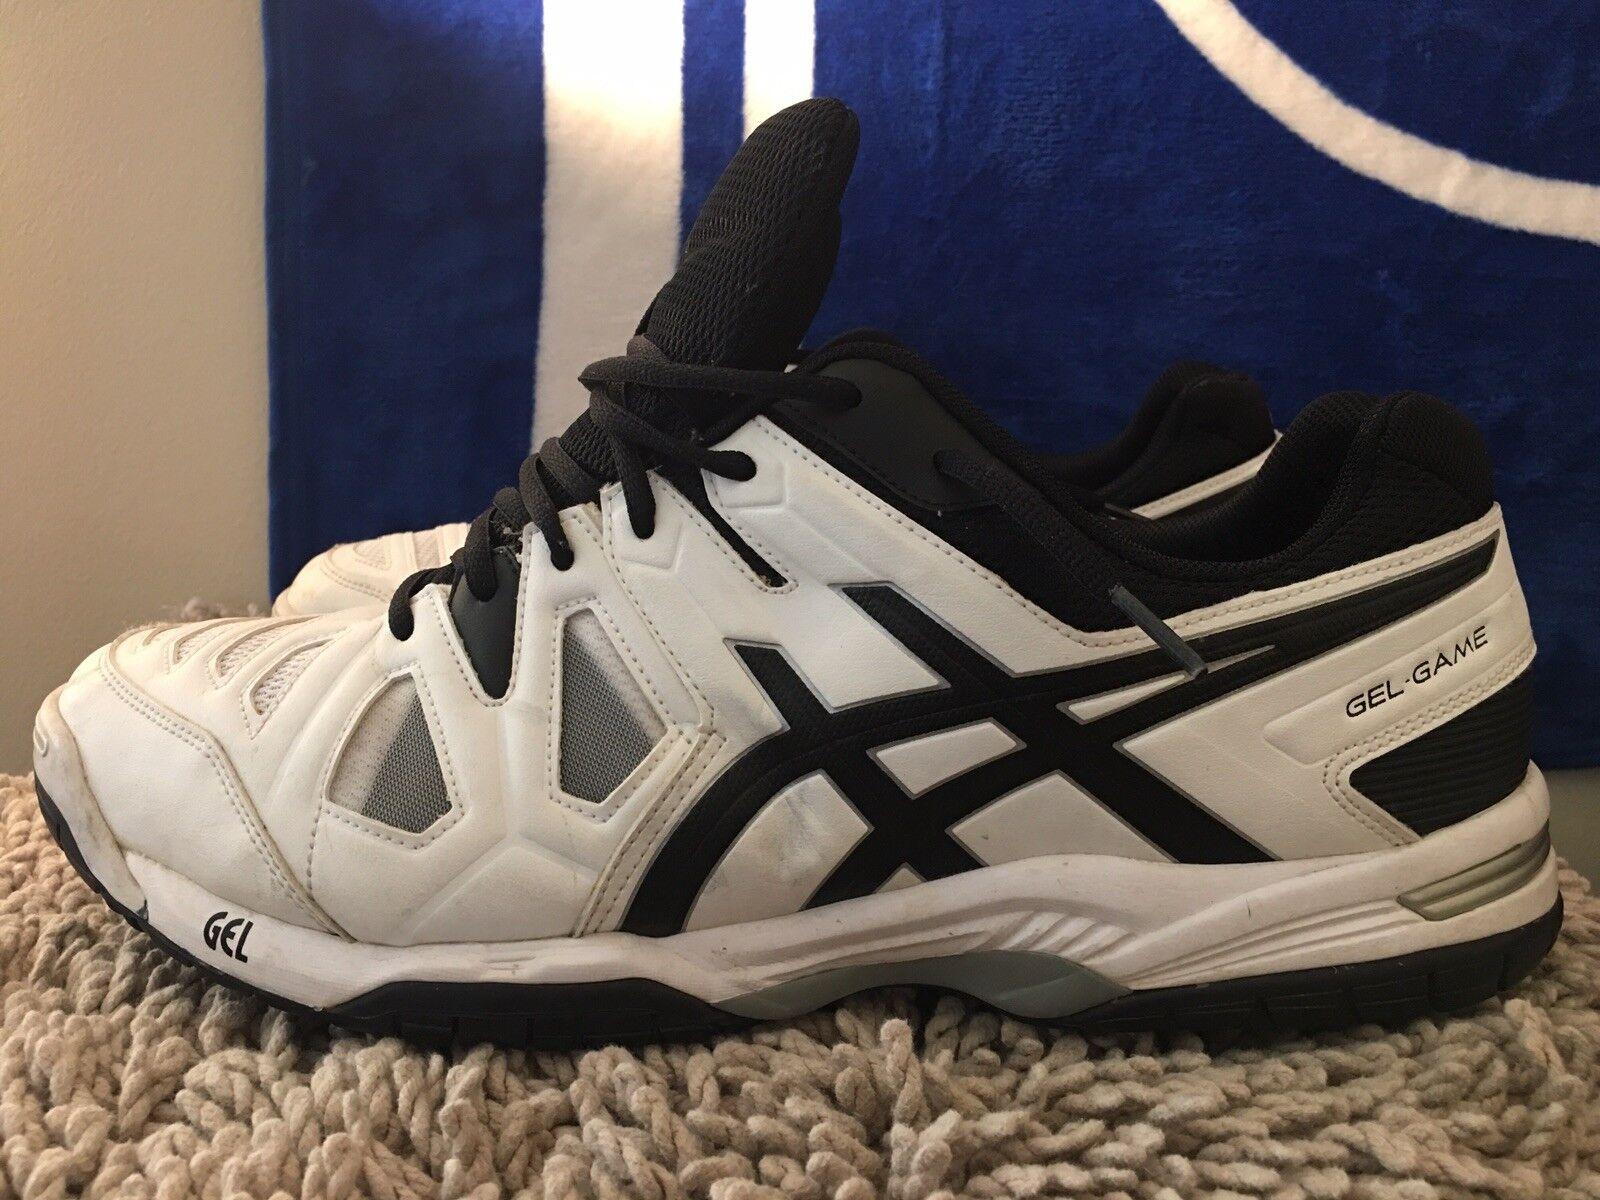 Asics Gel-Game 5, E506Y, blancoo negro, zapatos tenis Hombre, Talla 14